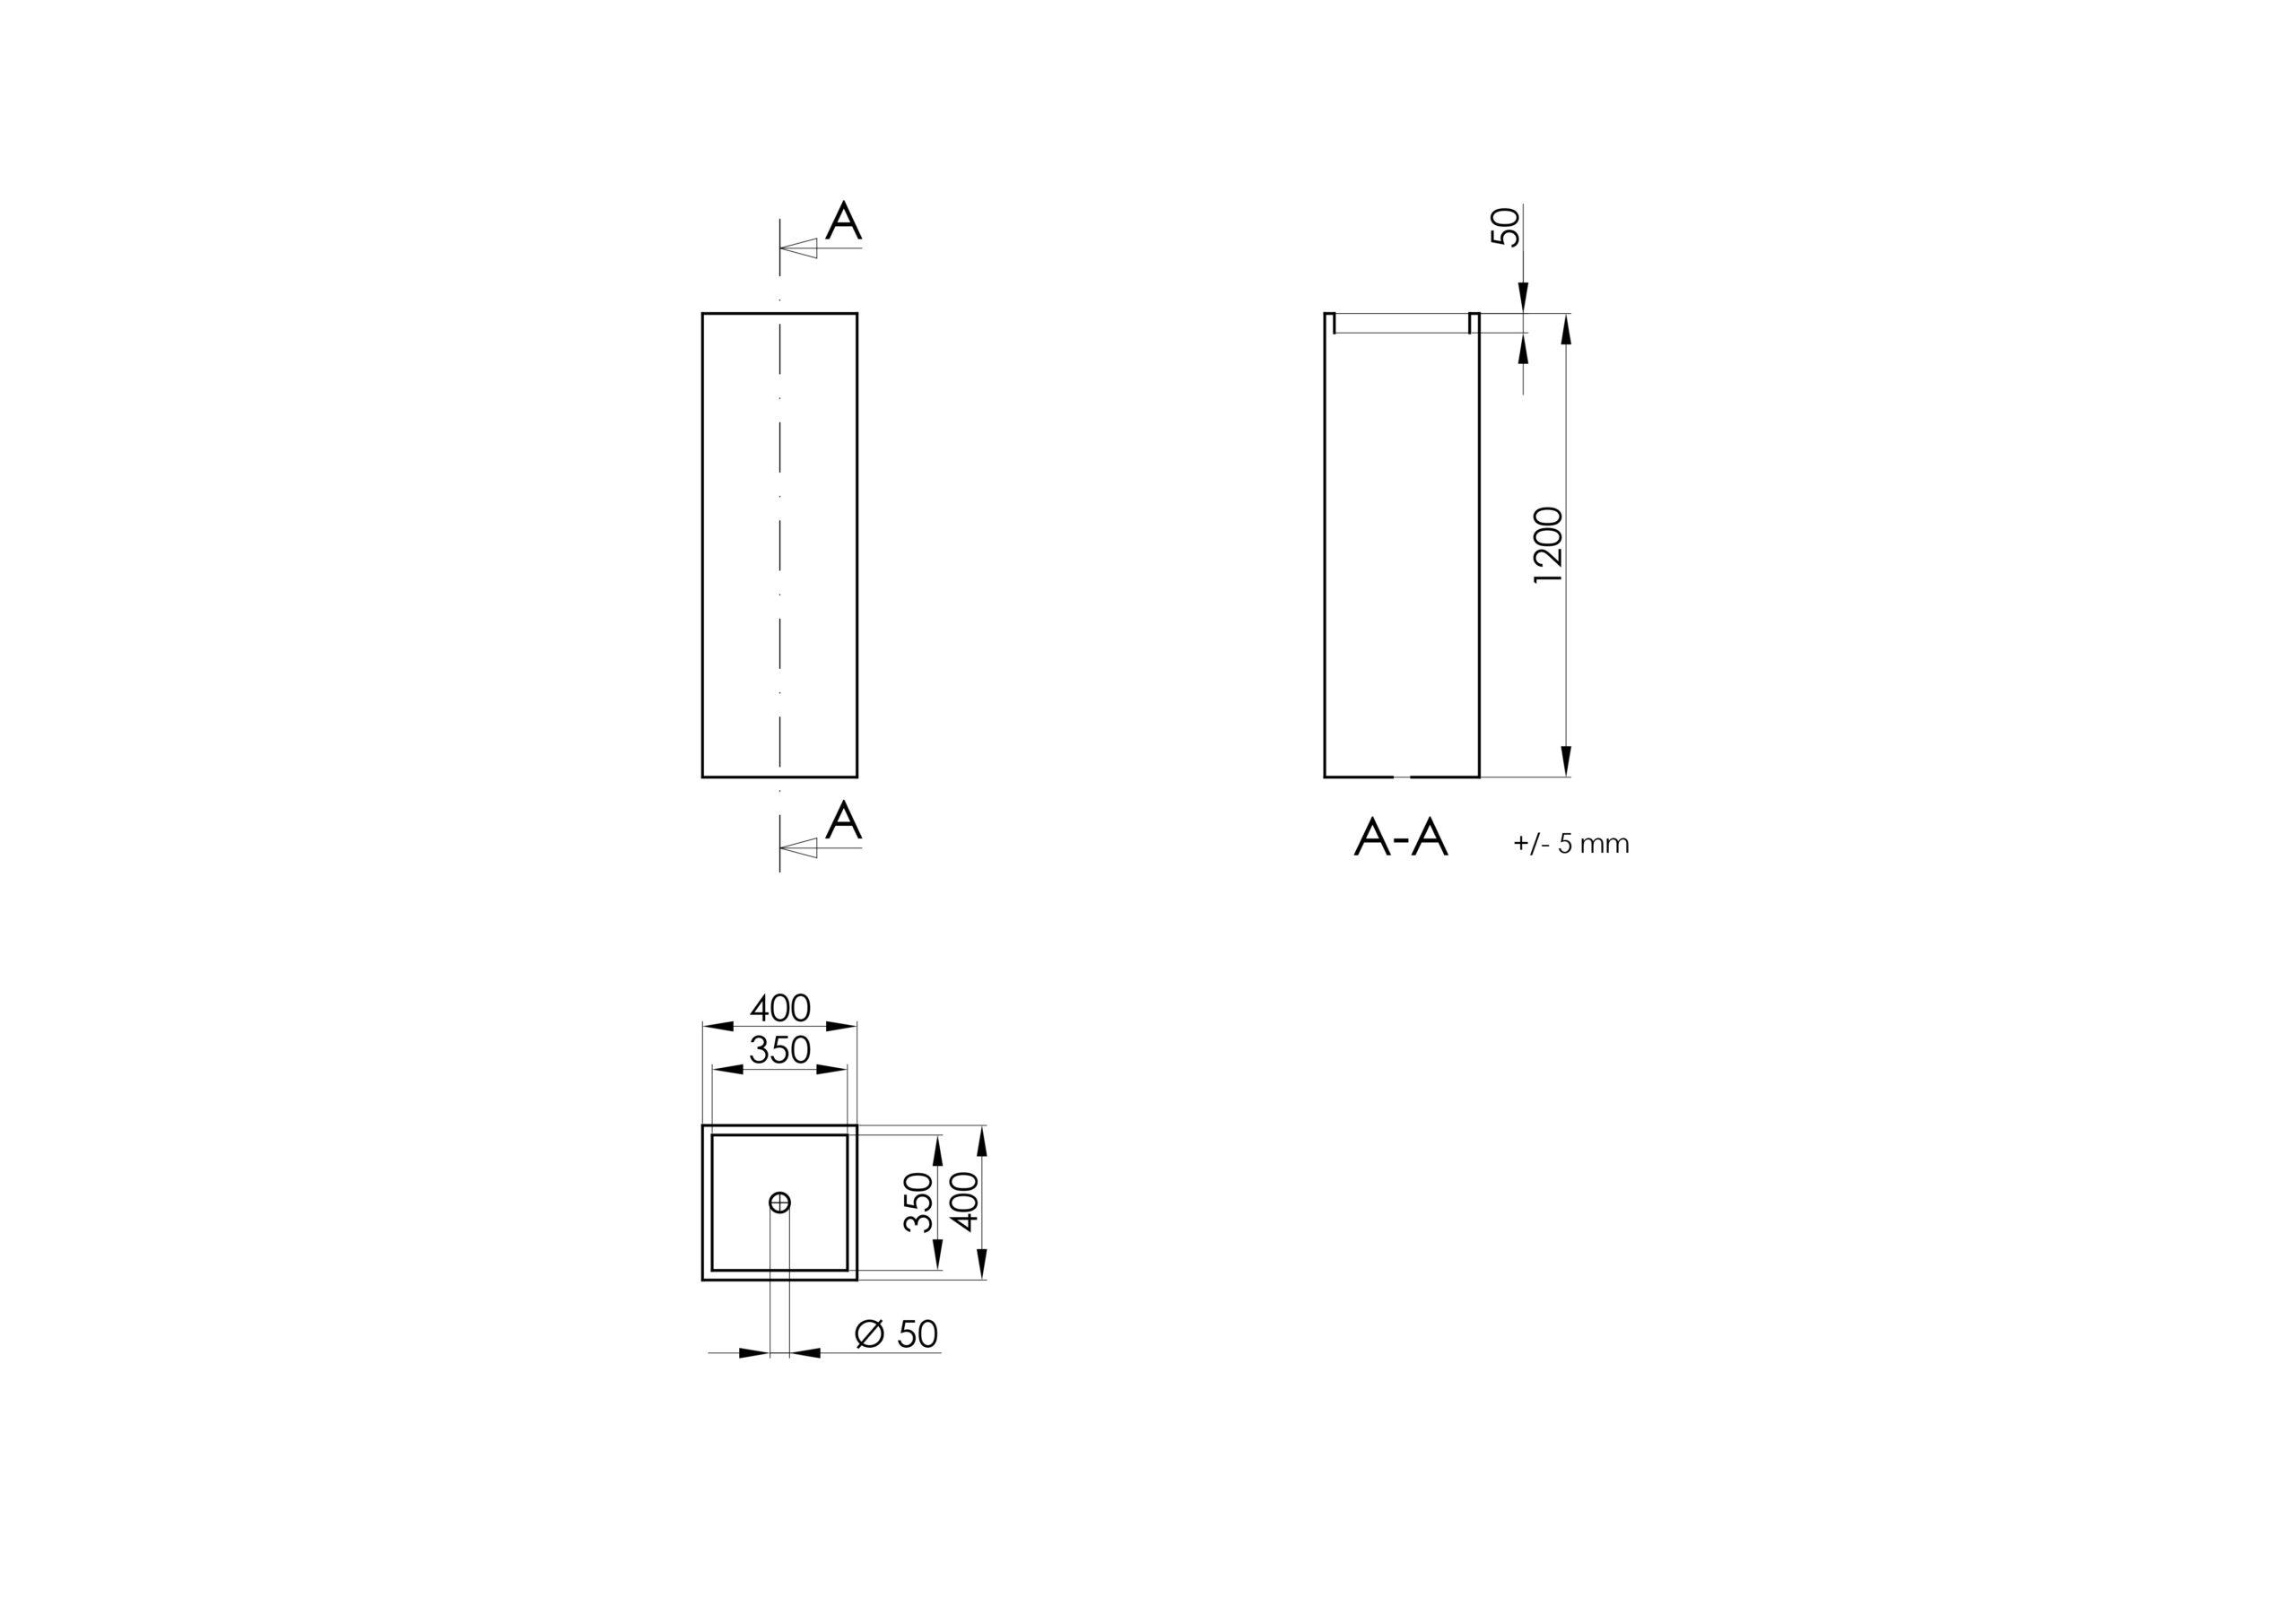 Vittorio 5 - Technisches Zeichnen